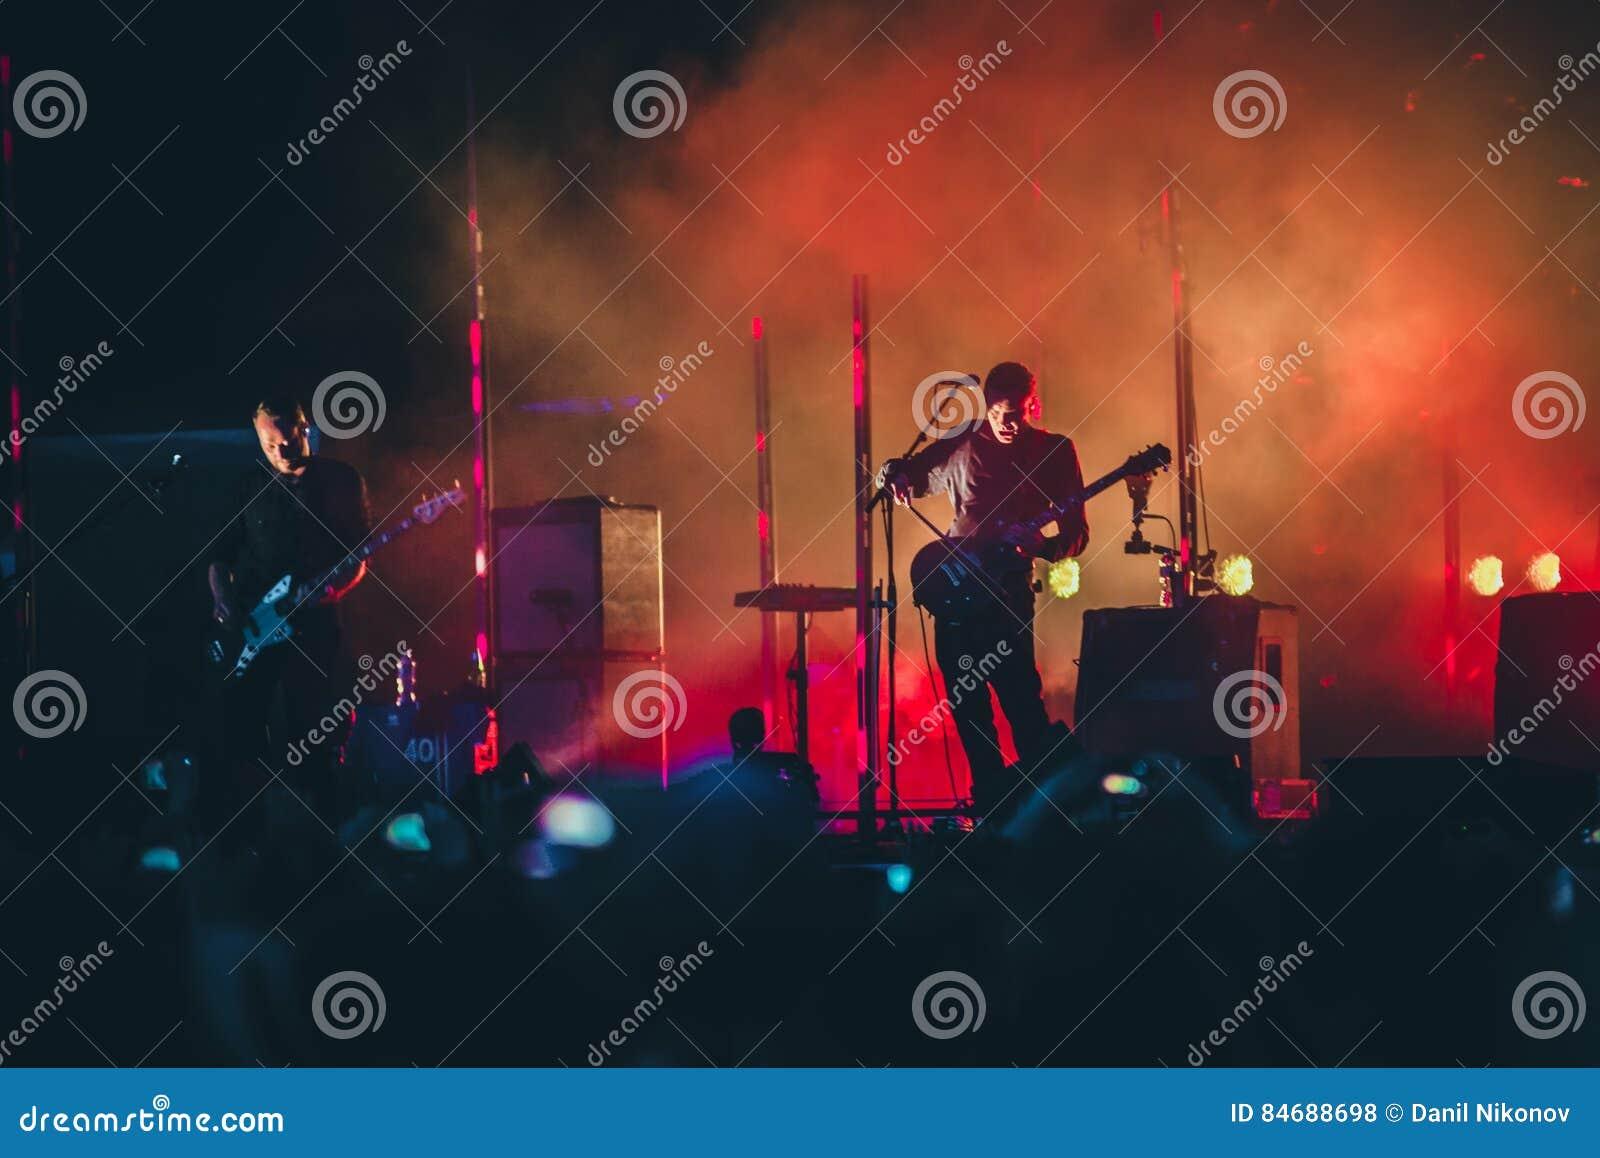 Рок-группа выполняет на этапе Гитарист играет solo Силуэт гитариста в действии на этапе перед толпой концерта